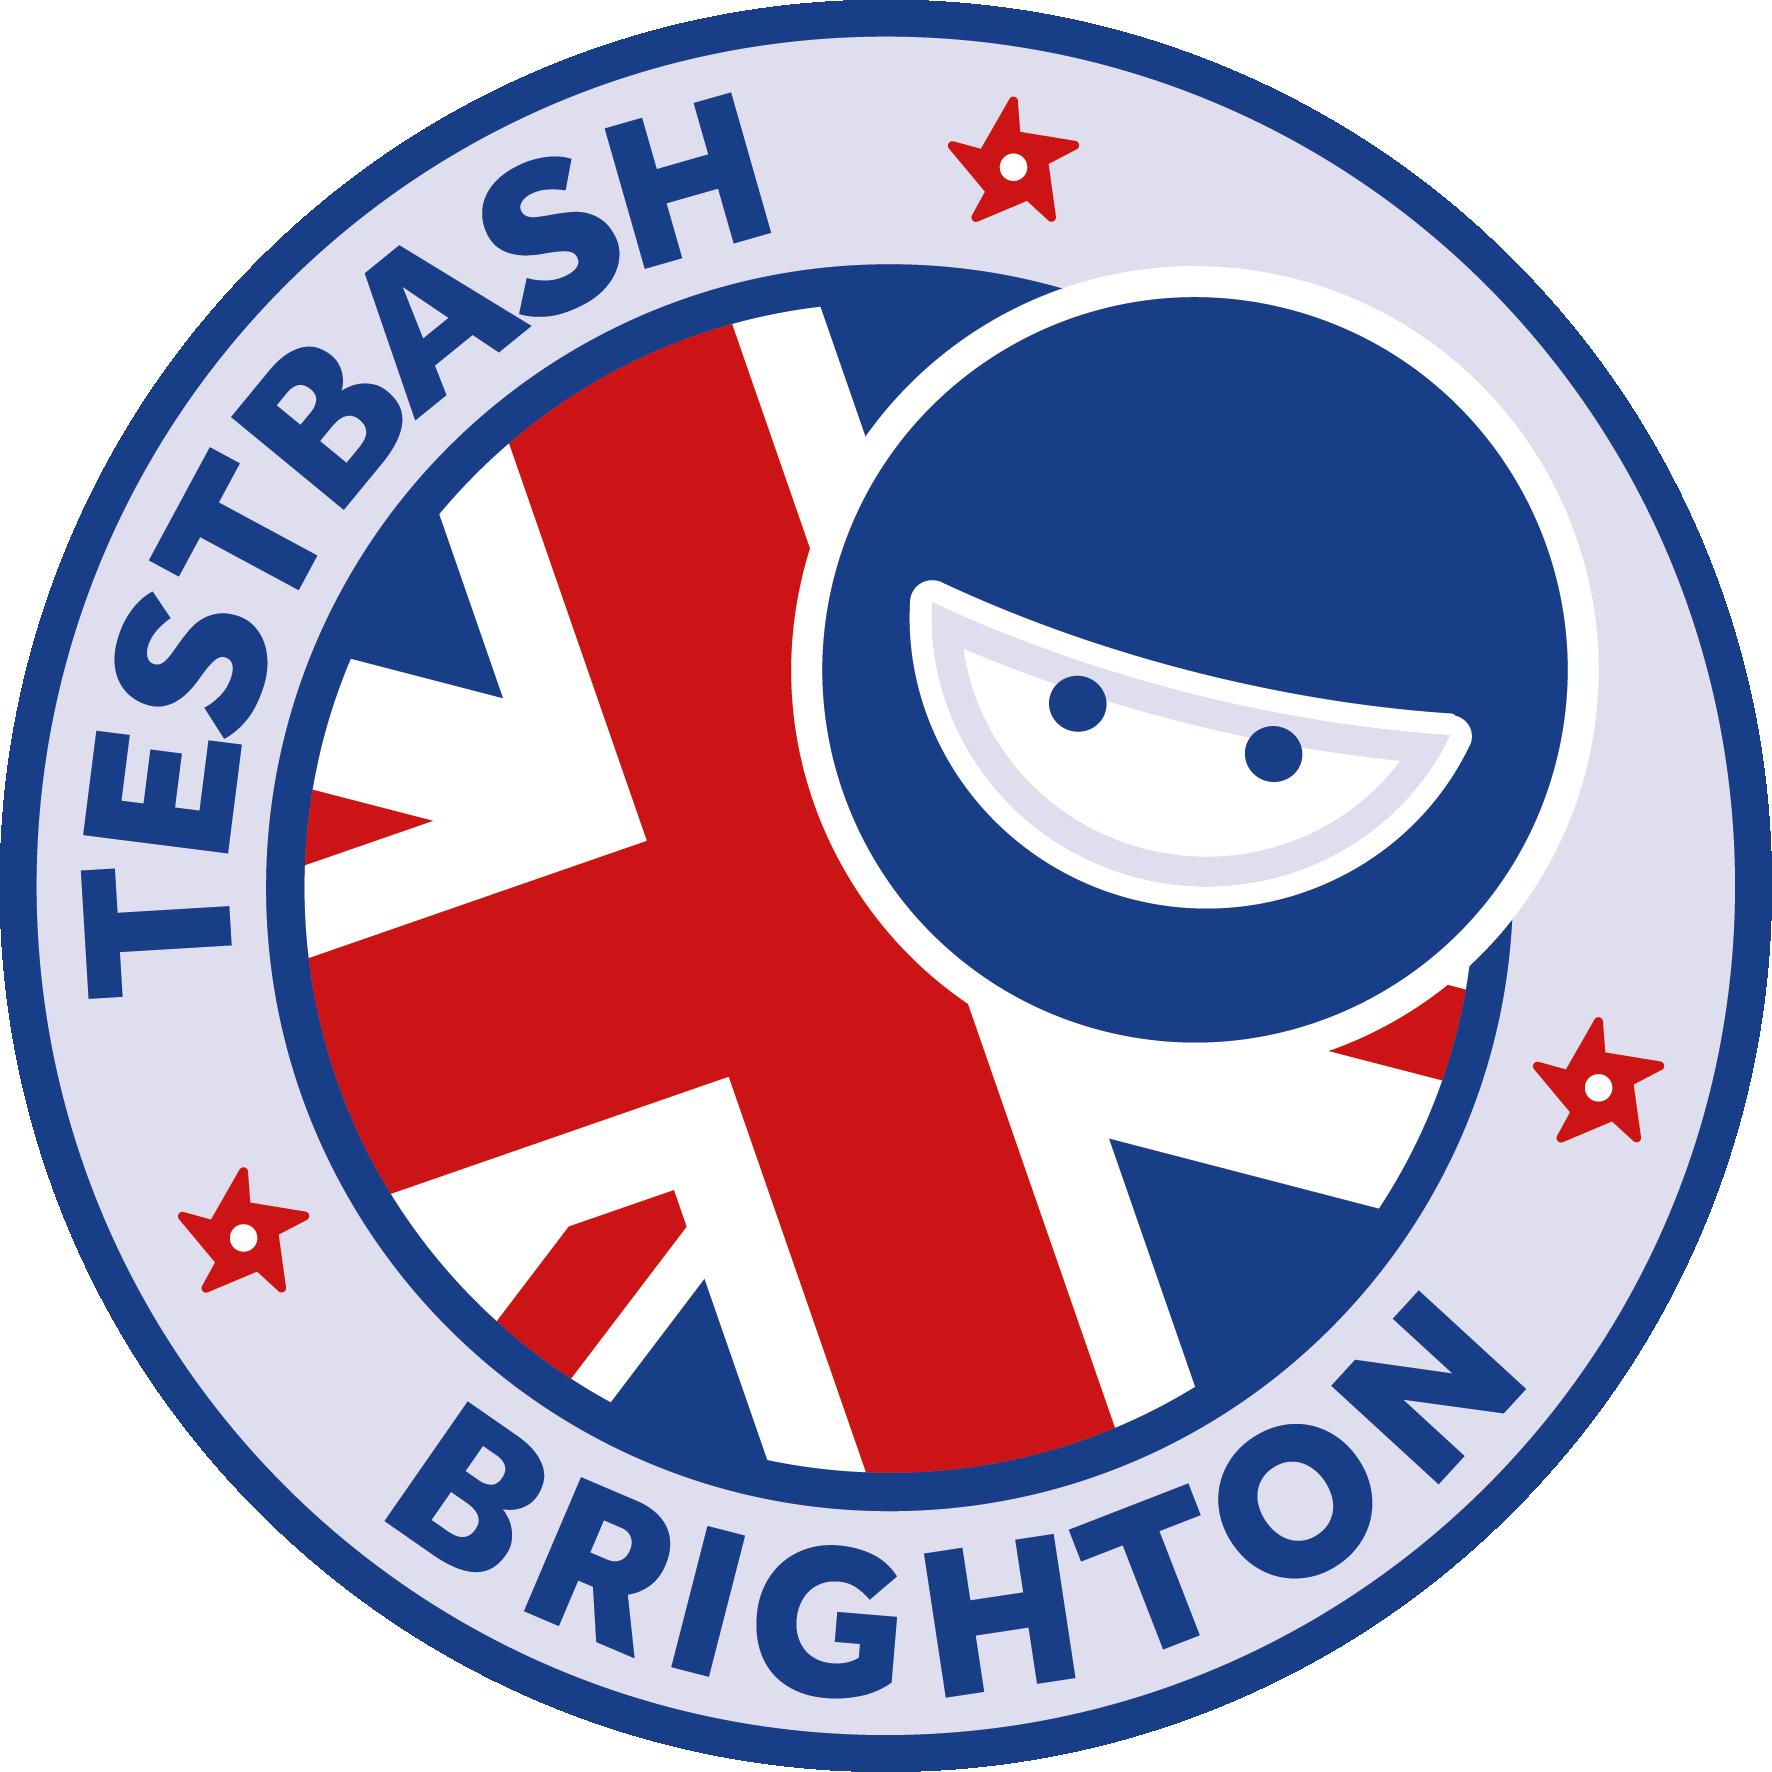 TestBash Brighton 2019 logo